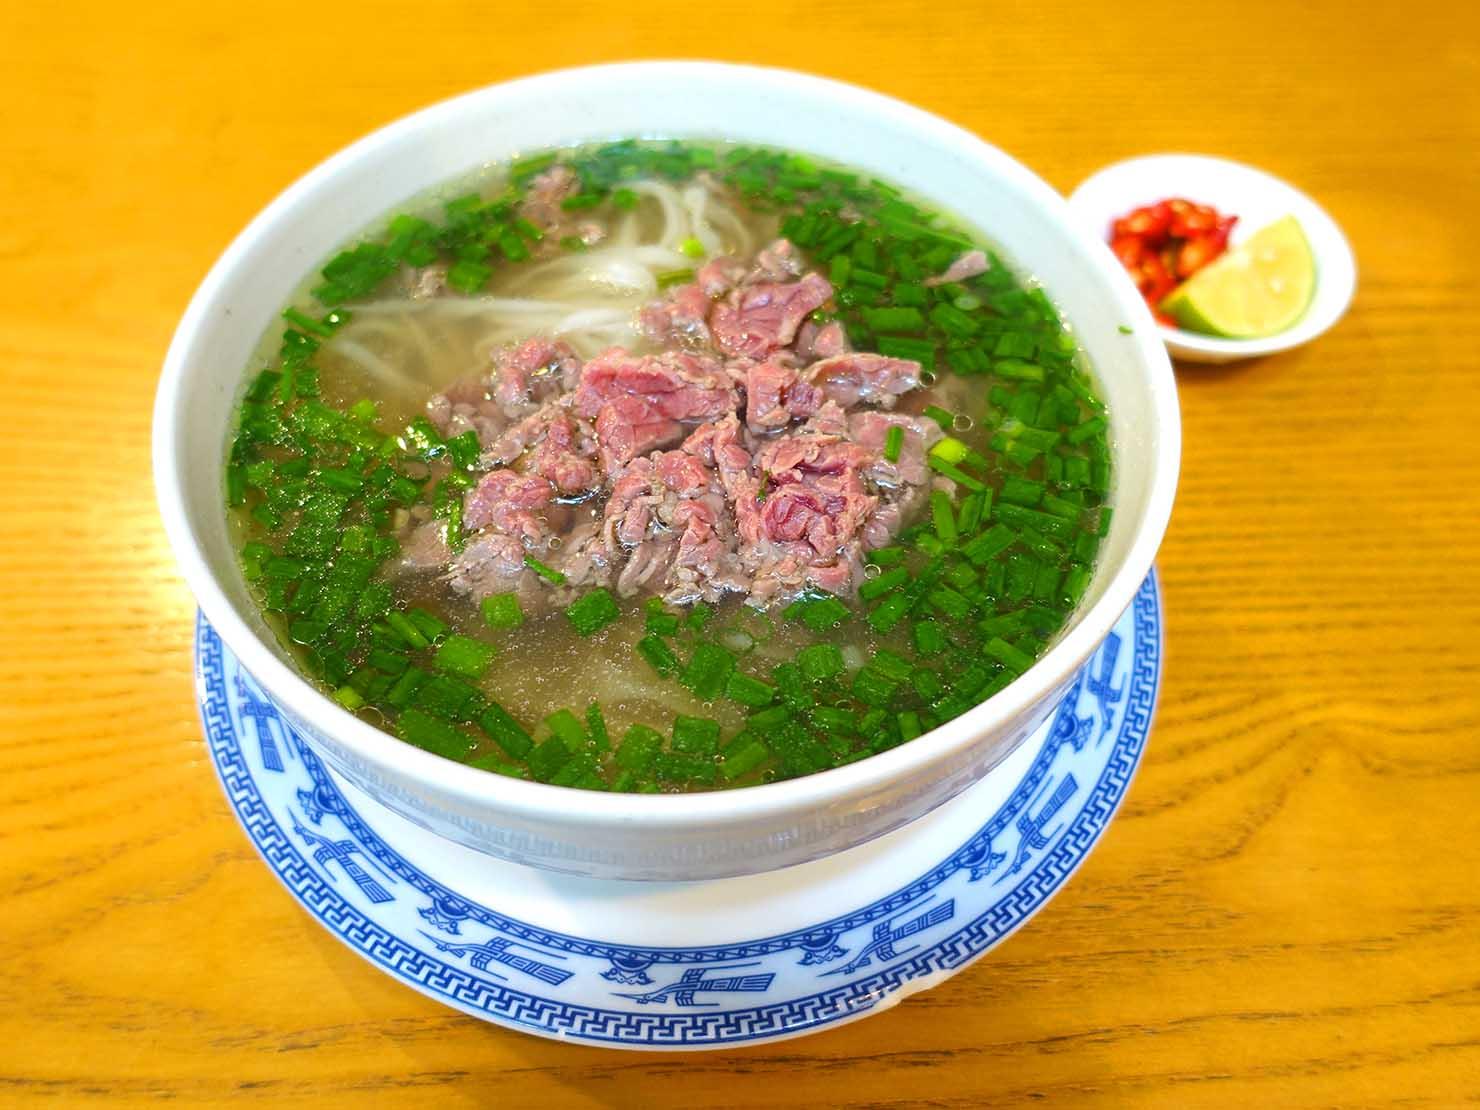 ベトナム・ハノイで食べた牛肉フォー「フォー・ボー」